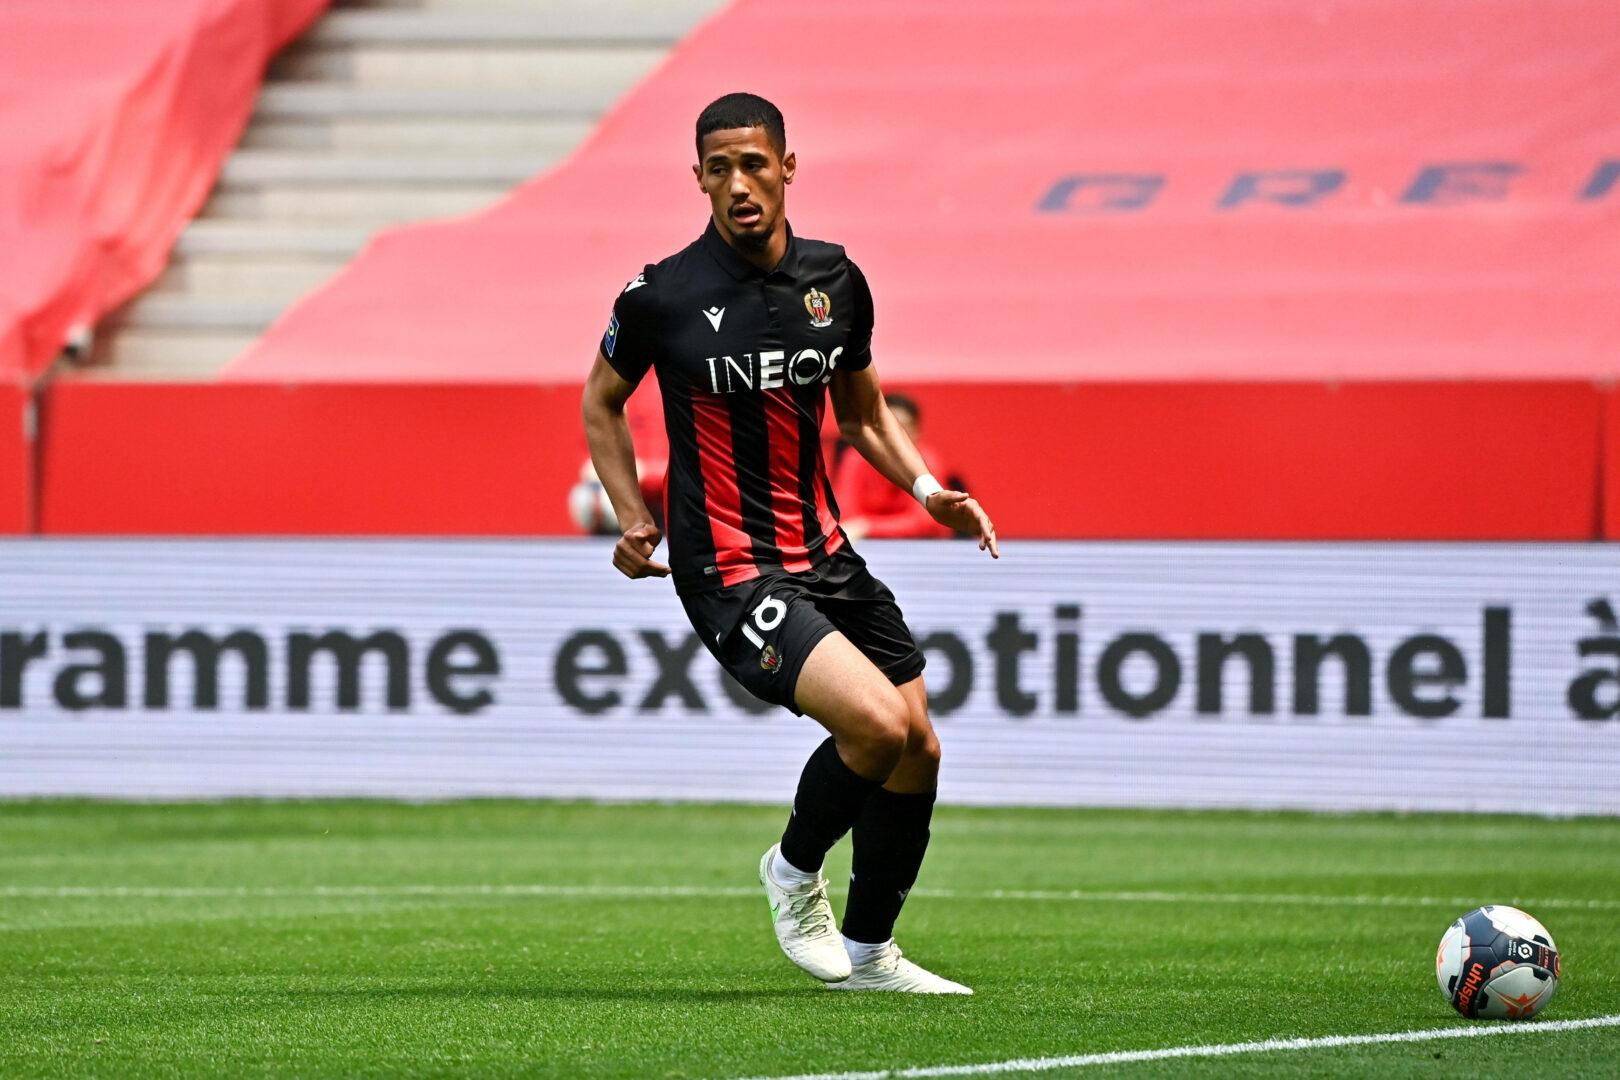 Arsenal: Verteidiger Saliba vor Leihe zu Olympique Marseille